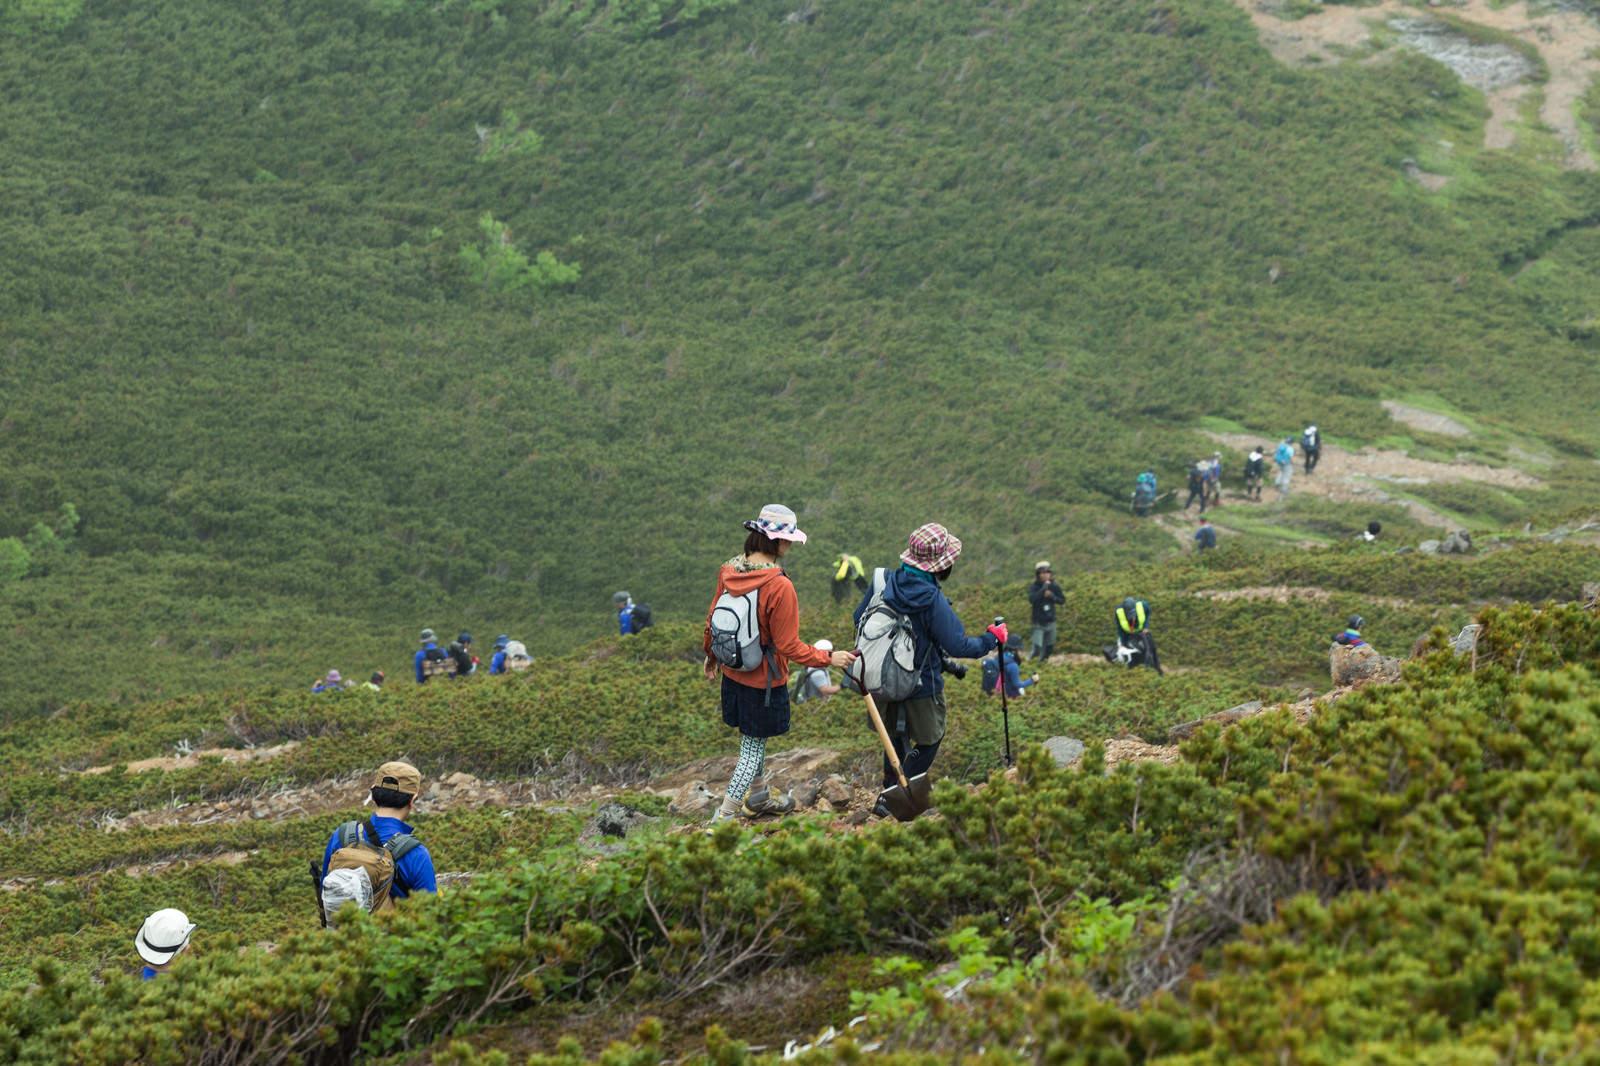 「乗鞍新登山道を歩く登山者達」の写真